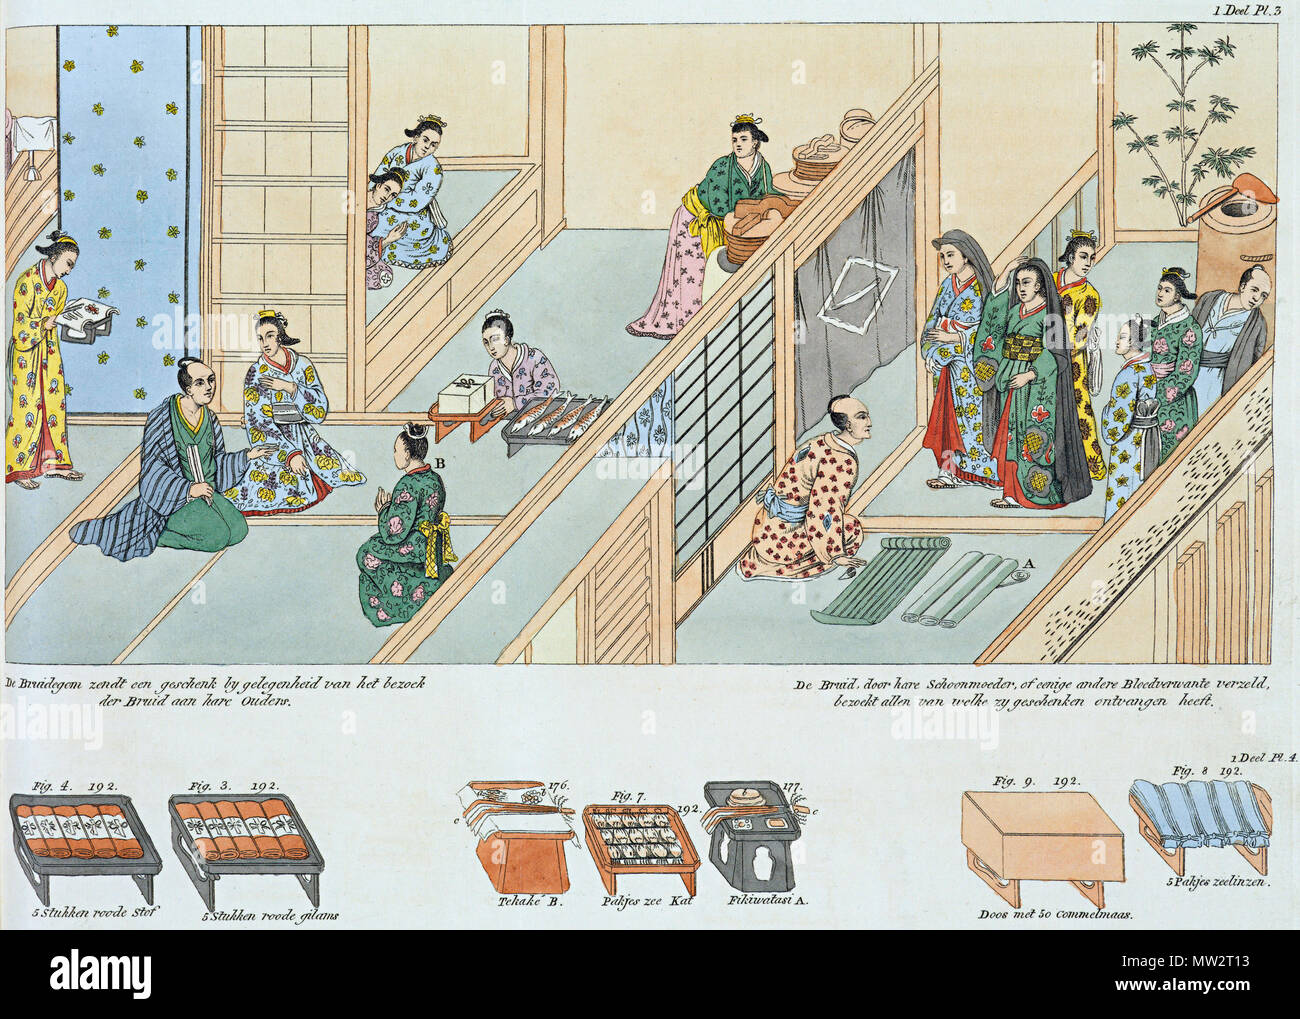 . Nederlands: Isaac Titsingh, Bijzonderheden van Japan. Het huwelijksprotocol uitgebeeld. Links: de bruidegom zendt een geschenk bij gelegenheid van het bezoek van de bruid aan haar ouders. Rechts: de bruid, door haar schoonmoeder of door enkele andere bloedverwanten vergezeld, bezoekt allen van wie zij geschenken ontvangen heeft. (1 Deel Pl 3 English: Isaac Titsingh, Bijzonderheden over Japan. Left: the bridegroom sends a gift at the occasion of the visit of the bride to her parents. Right: the bride, accompanied by her mother in law or other near relatives, visits all those from whom she rec - Stock Image